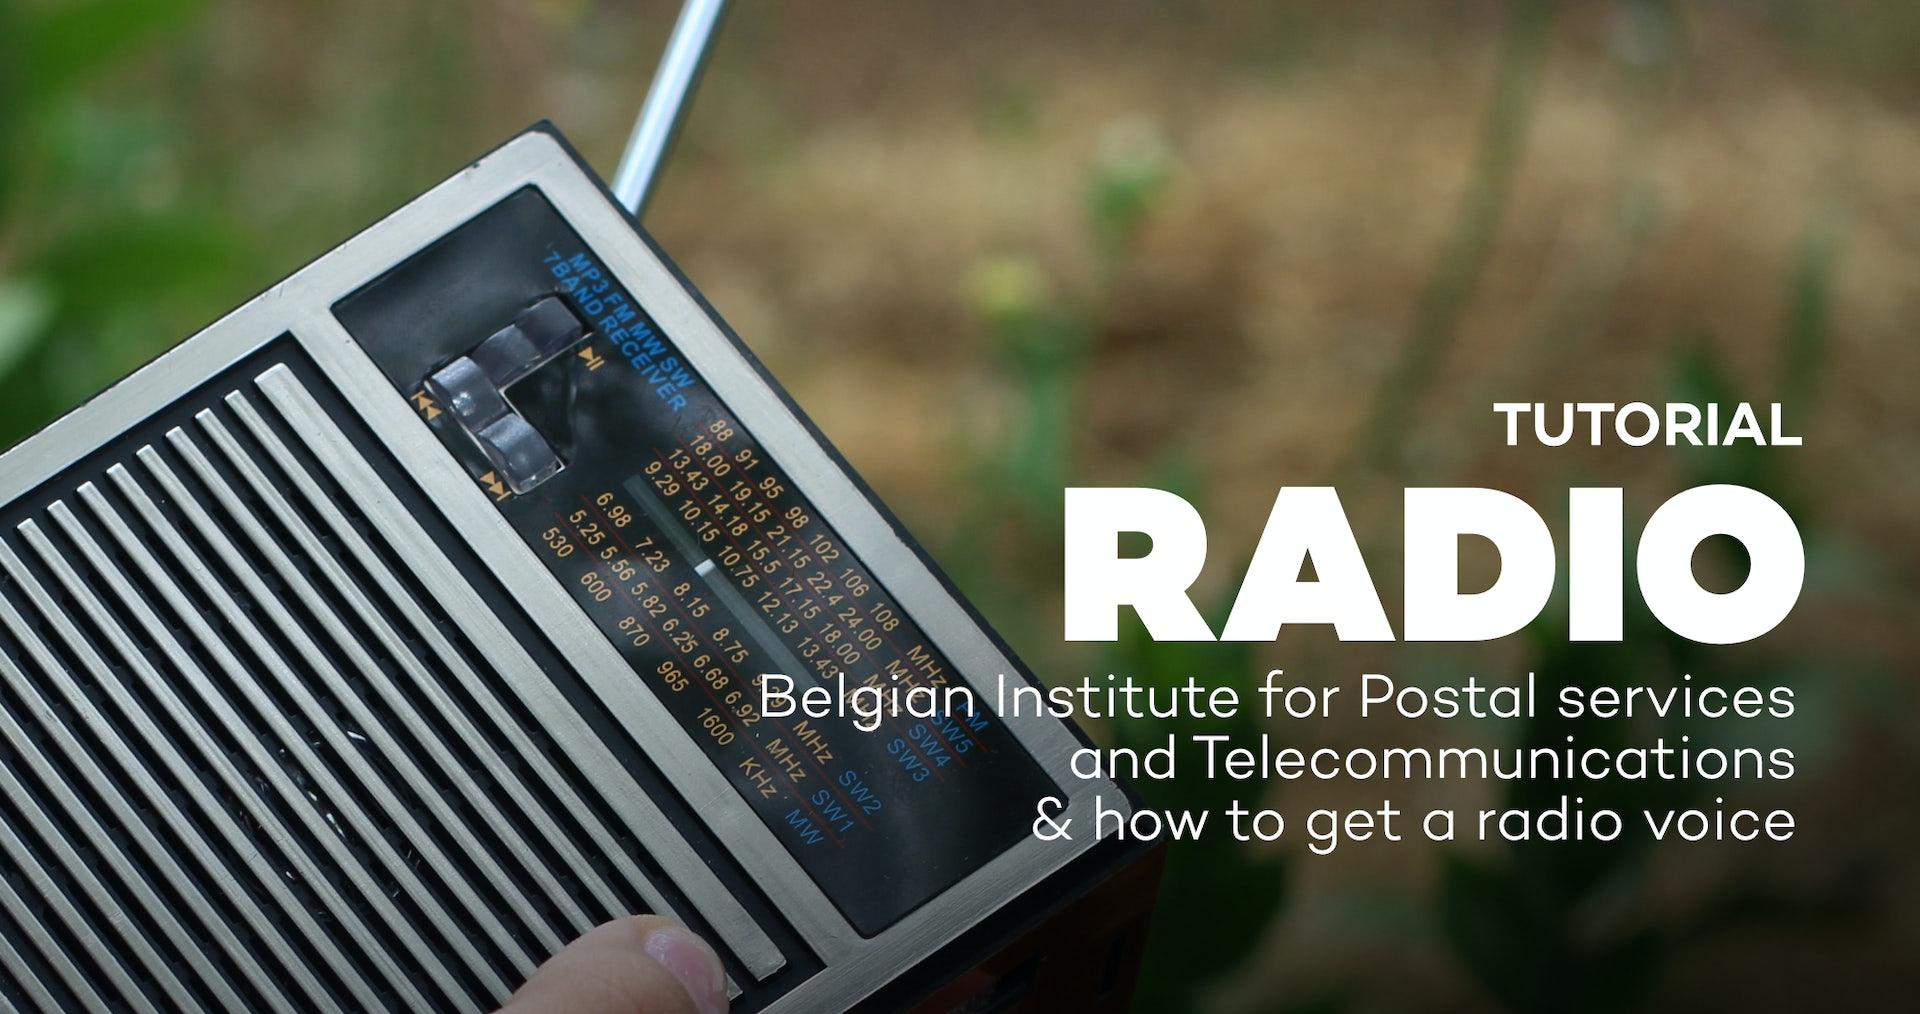 Belgian radio & how to get a radio voice